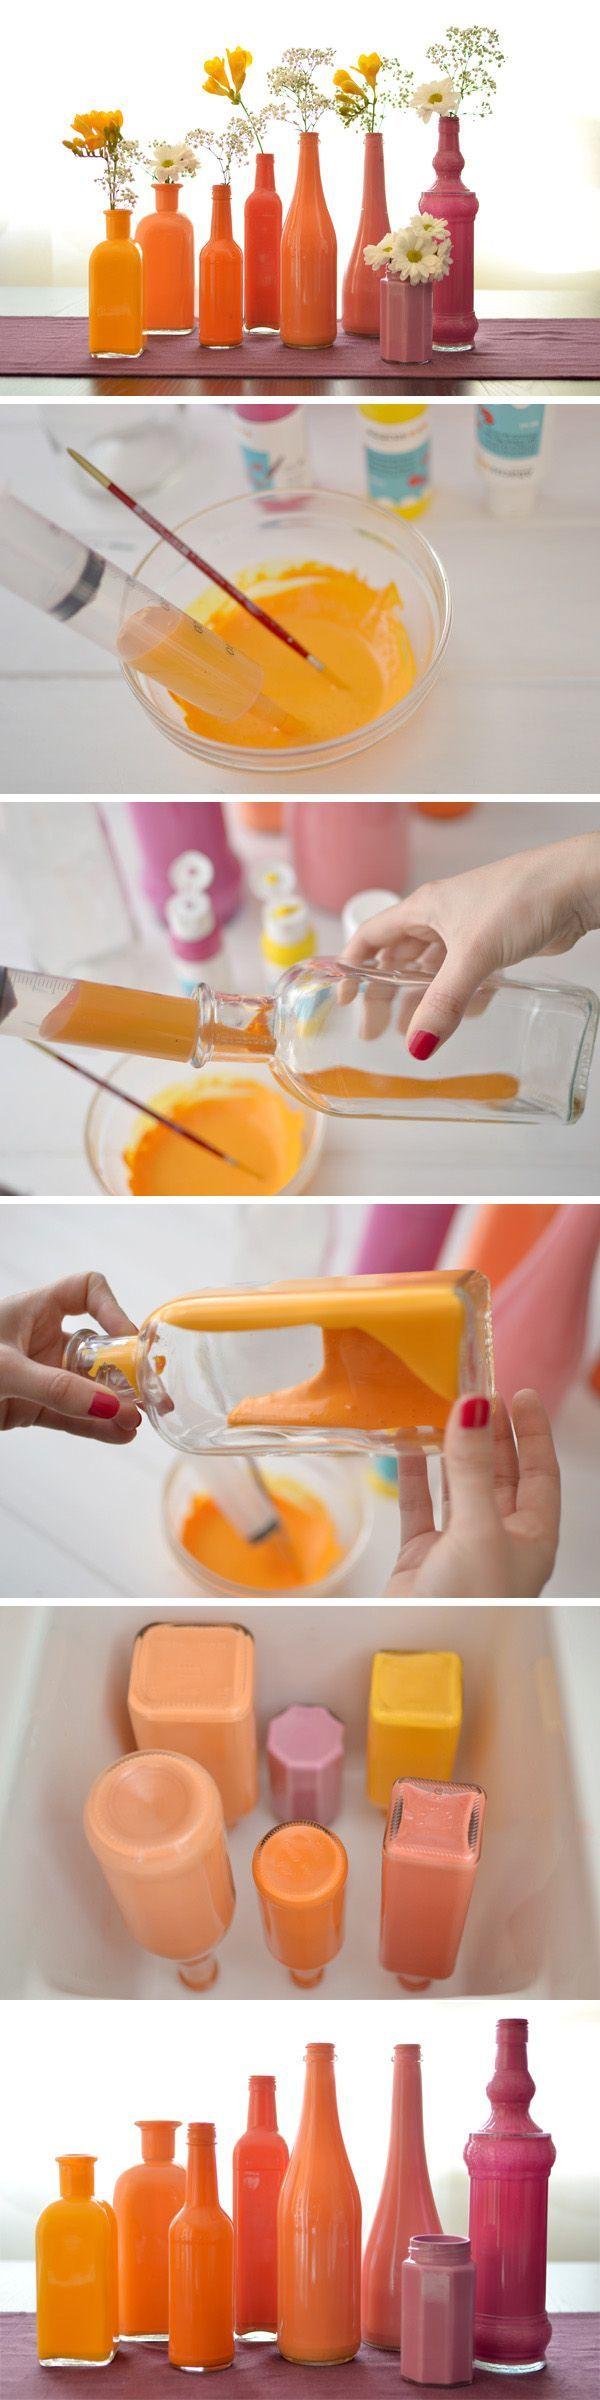 Peindre une bouteille en verre. Voici une idée bricolage pour peindre l'intérieur de bouteilles en verre.